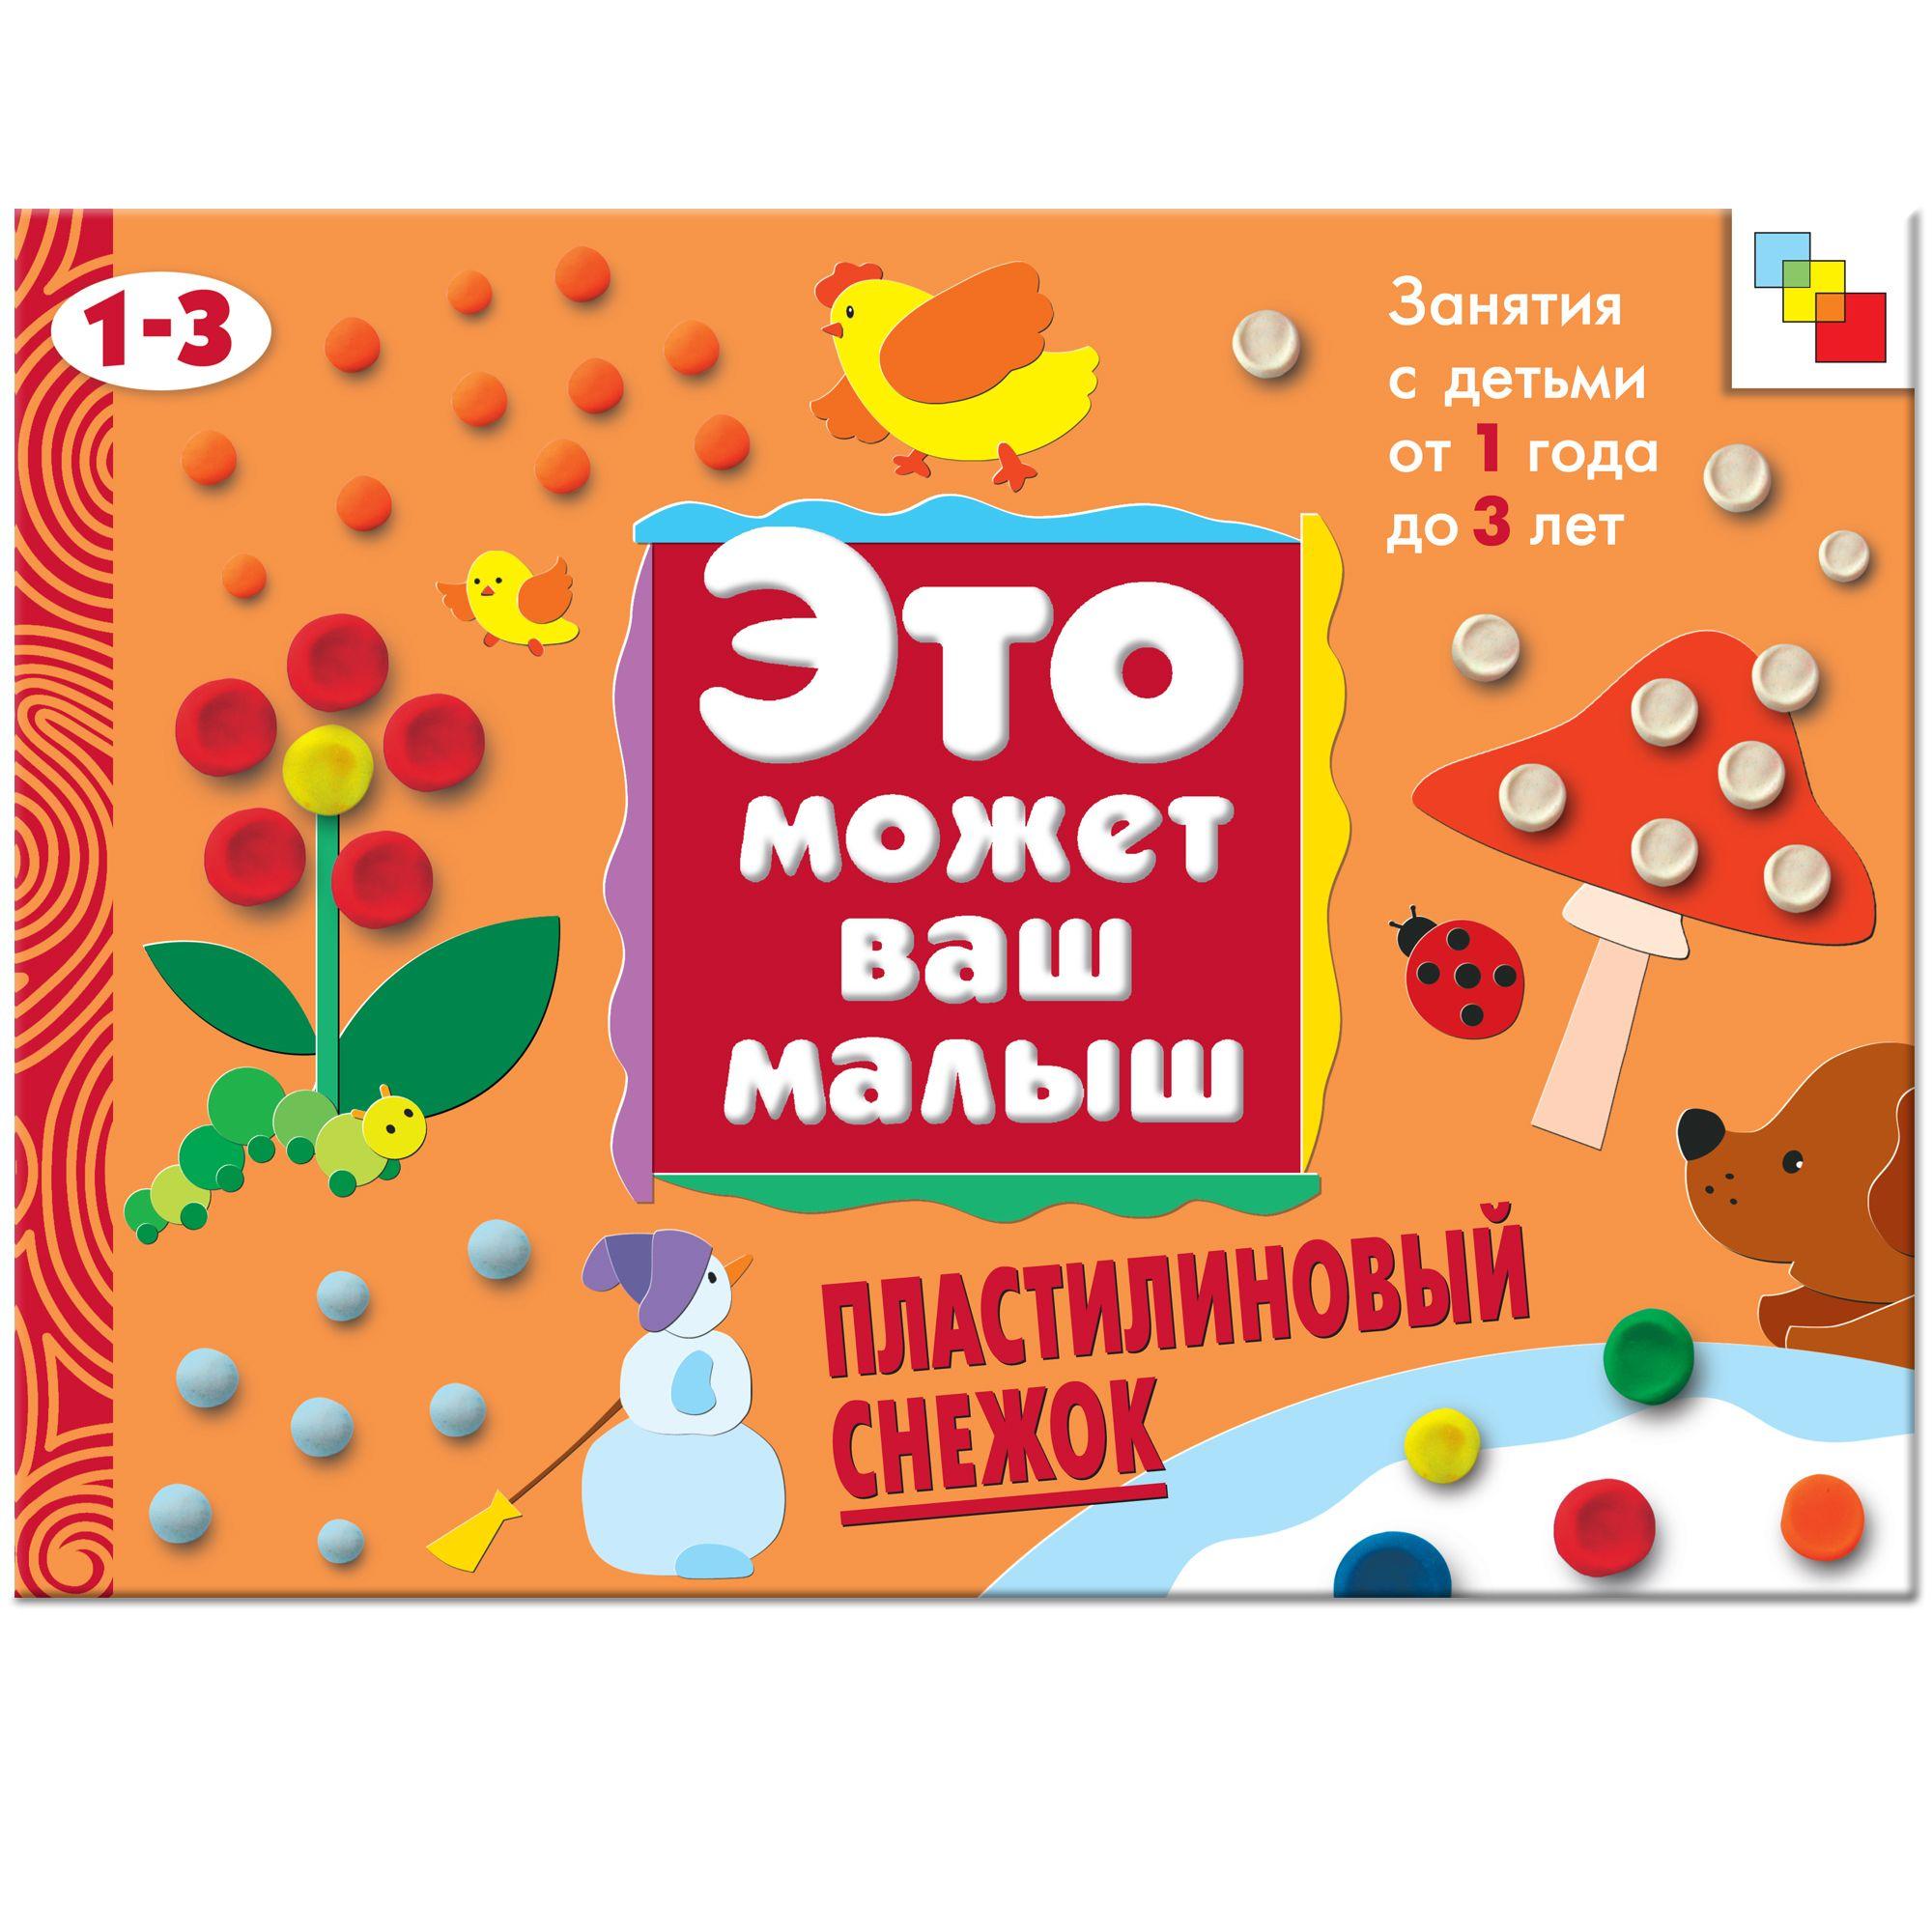 Пластилиновый снежок. Занятия с детьми от 1 года до 3 лет